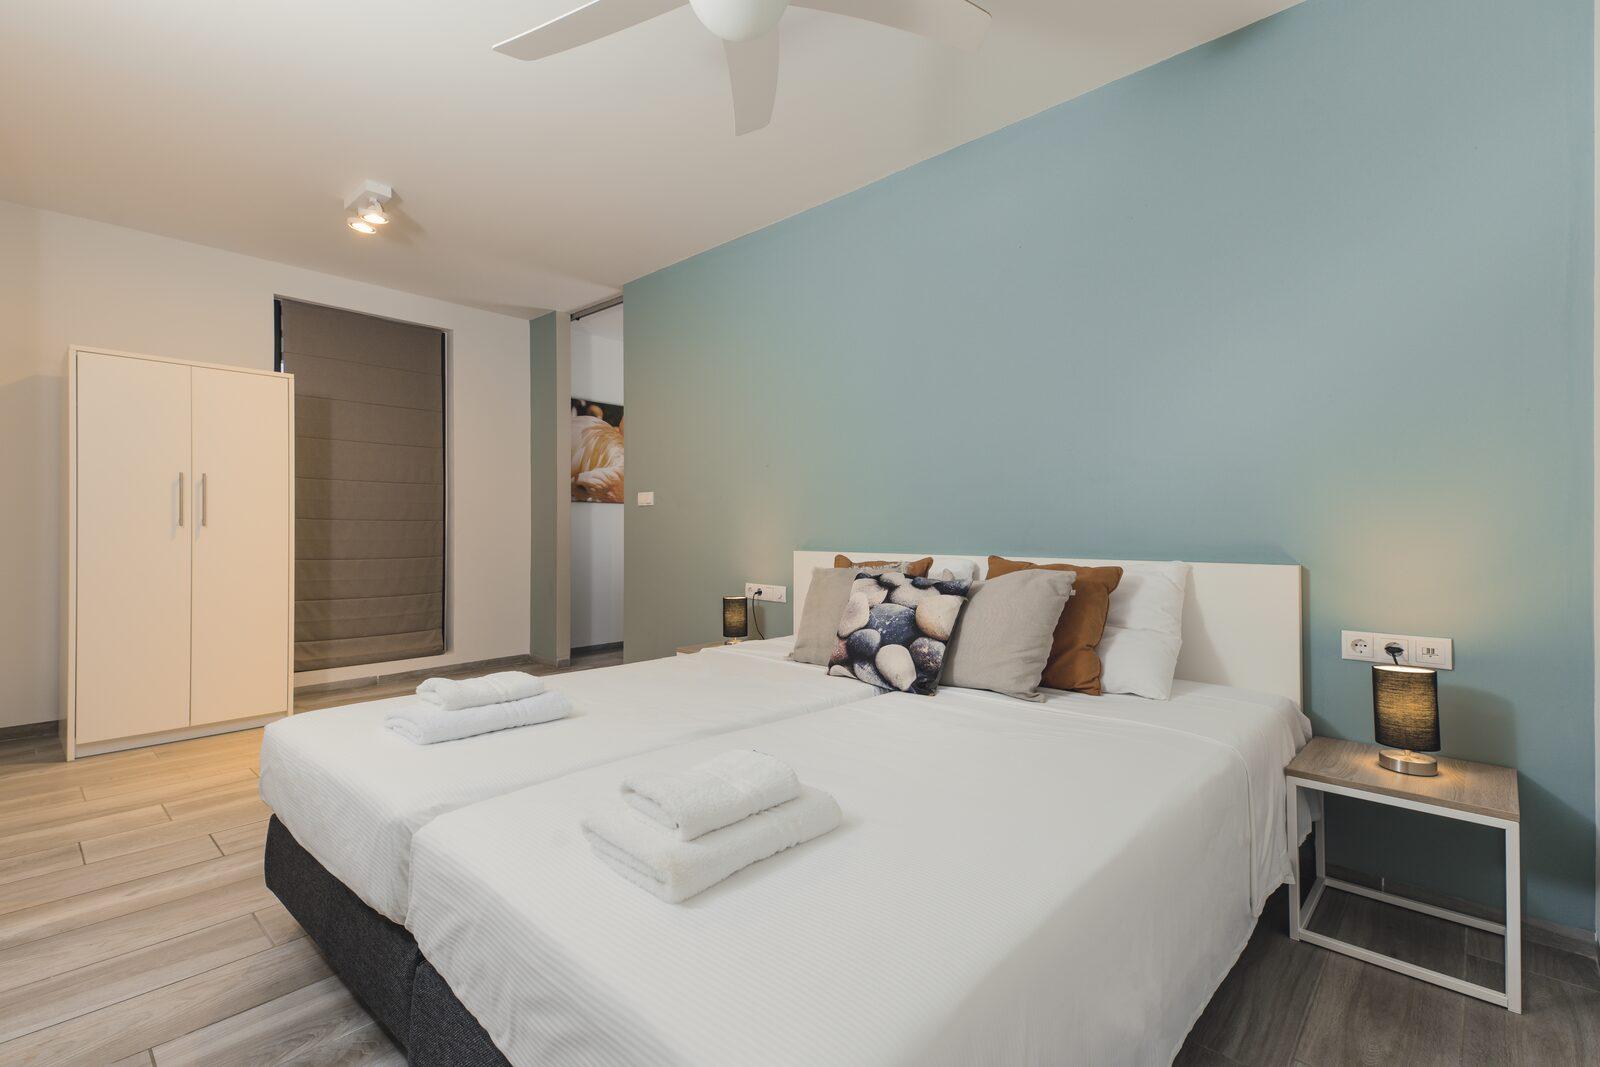 Voudriez-vous passer des vacances à Bonaire? Le Resort Bonaire propose des appartements très spacieux dans un bel hôtel.